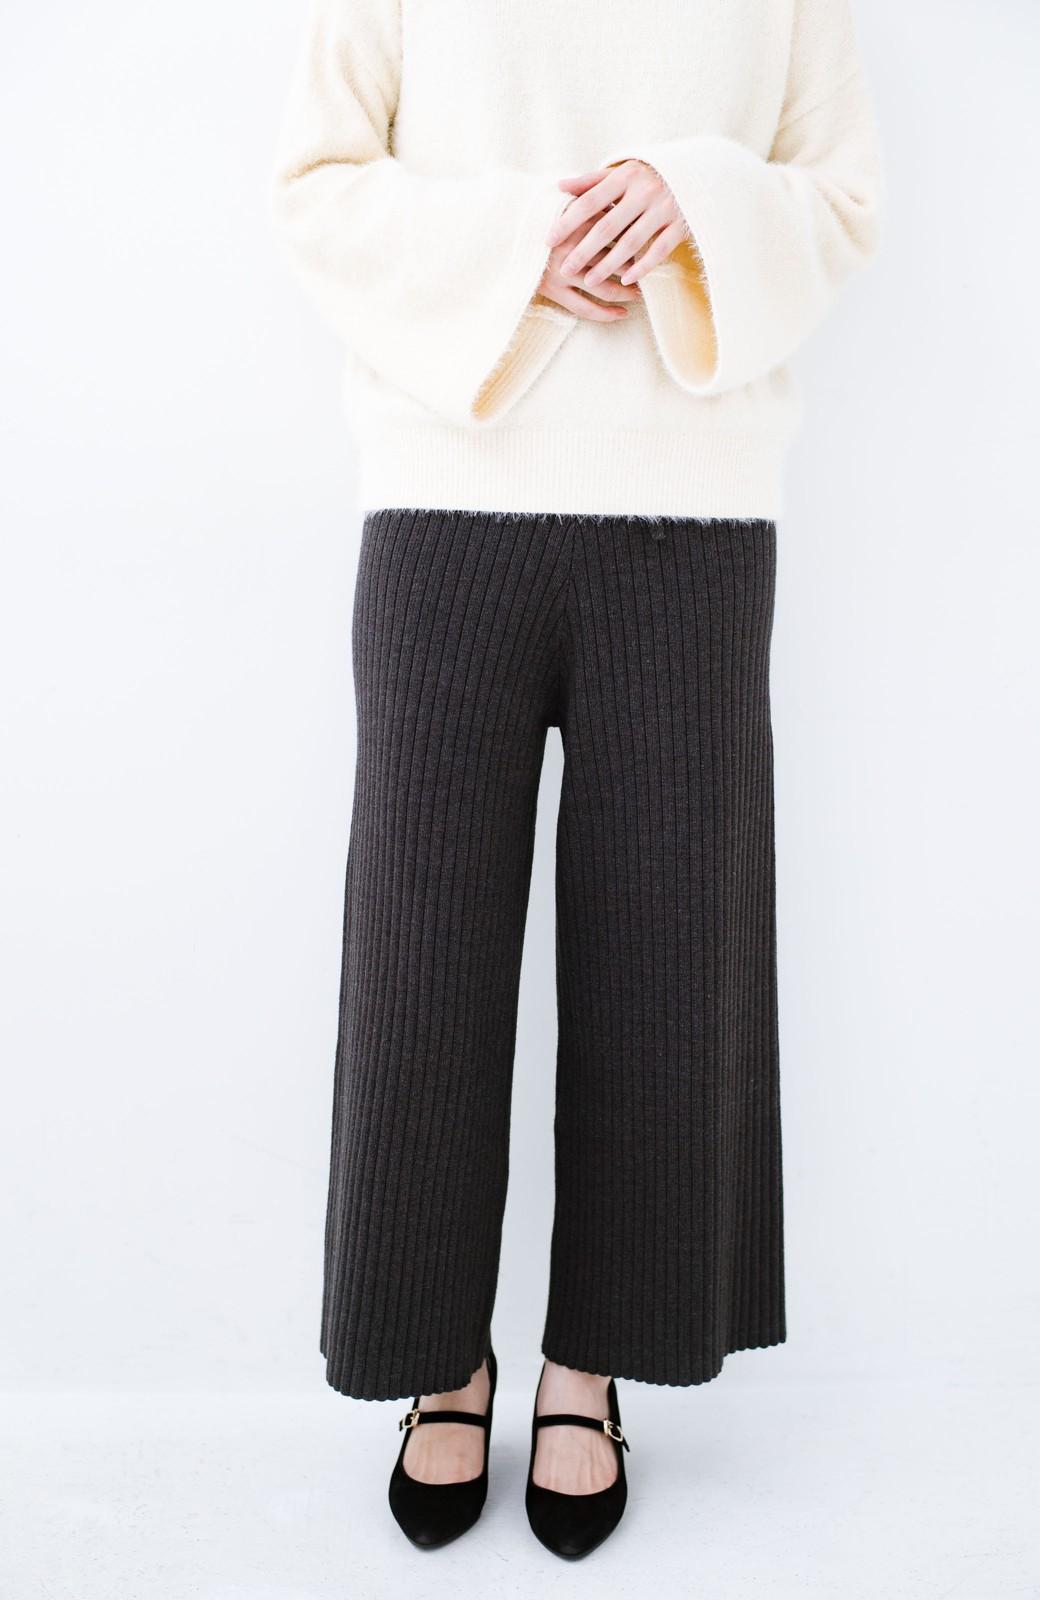 haco! 楽ちんなのにきれいシルエットのオトナニットパンツ by MAKORI <チャコールグレー>の商品写真3